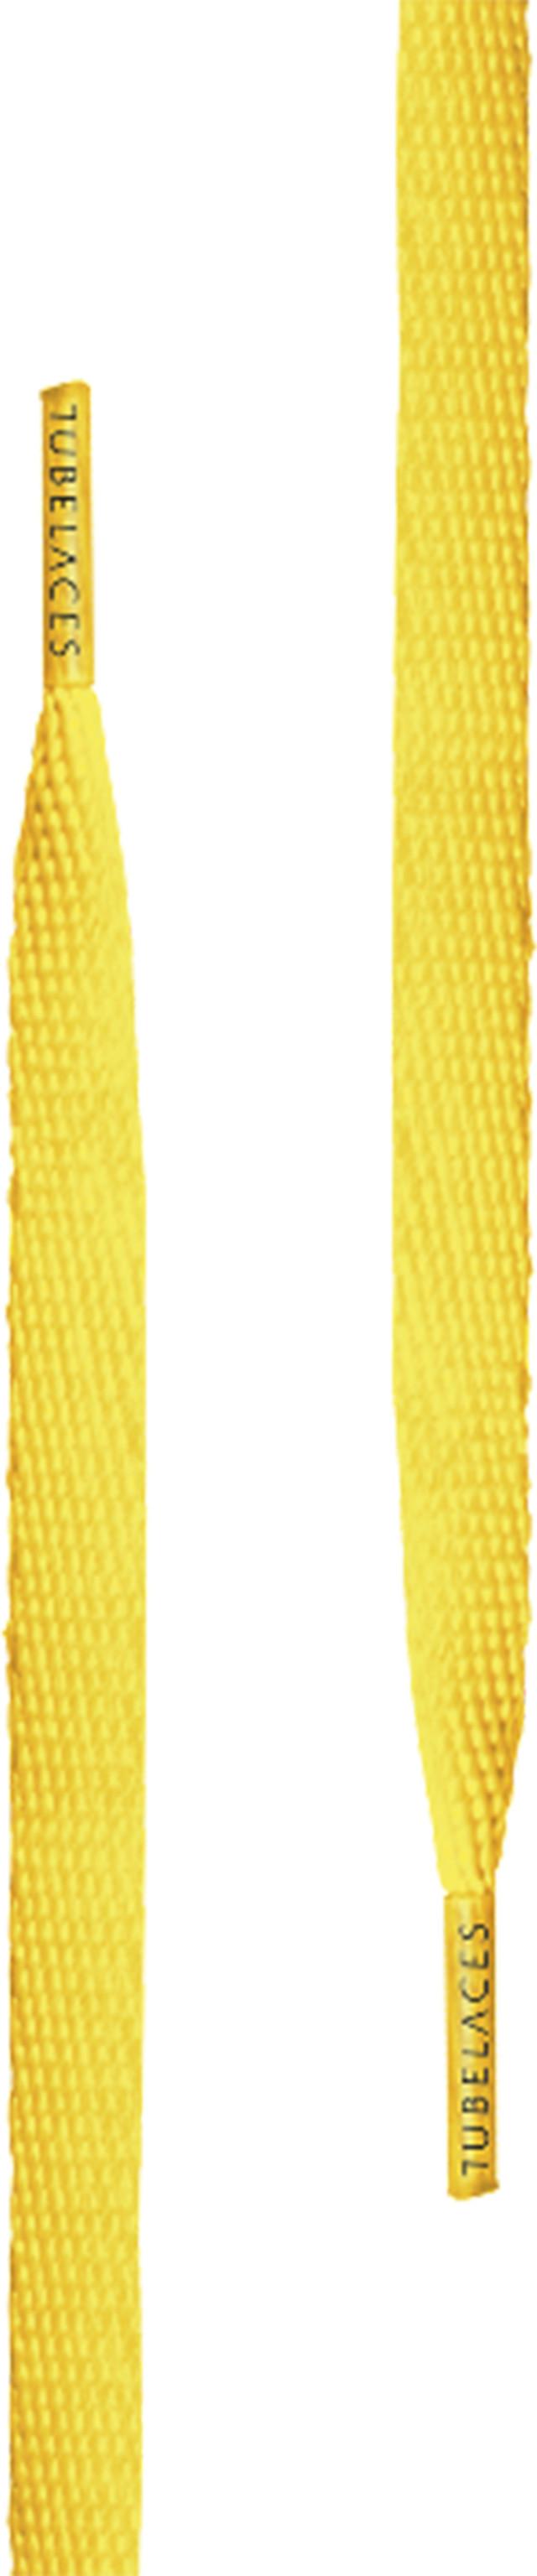 TubeLaces Silver Flat Lemon 120 cm 10153